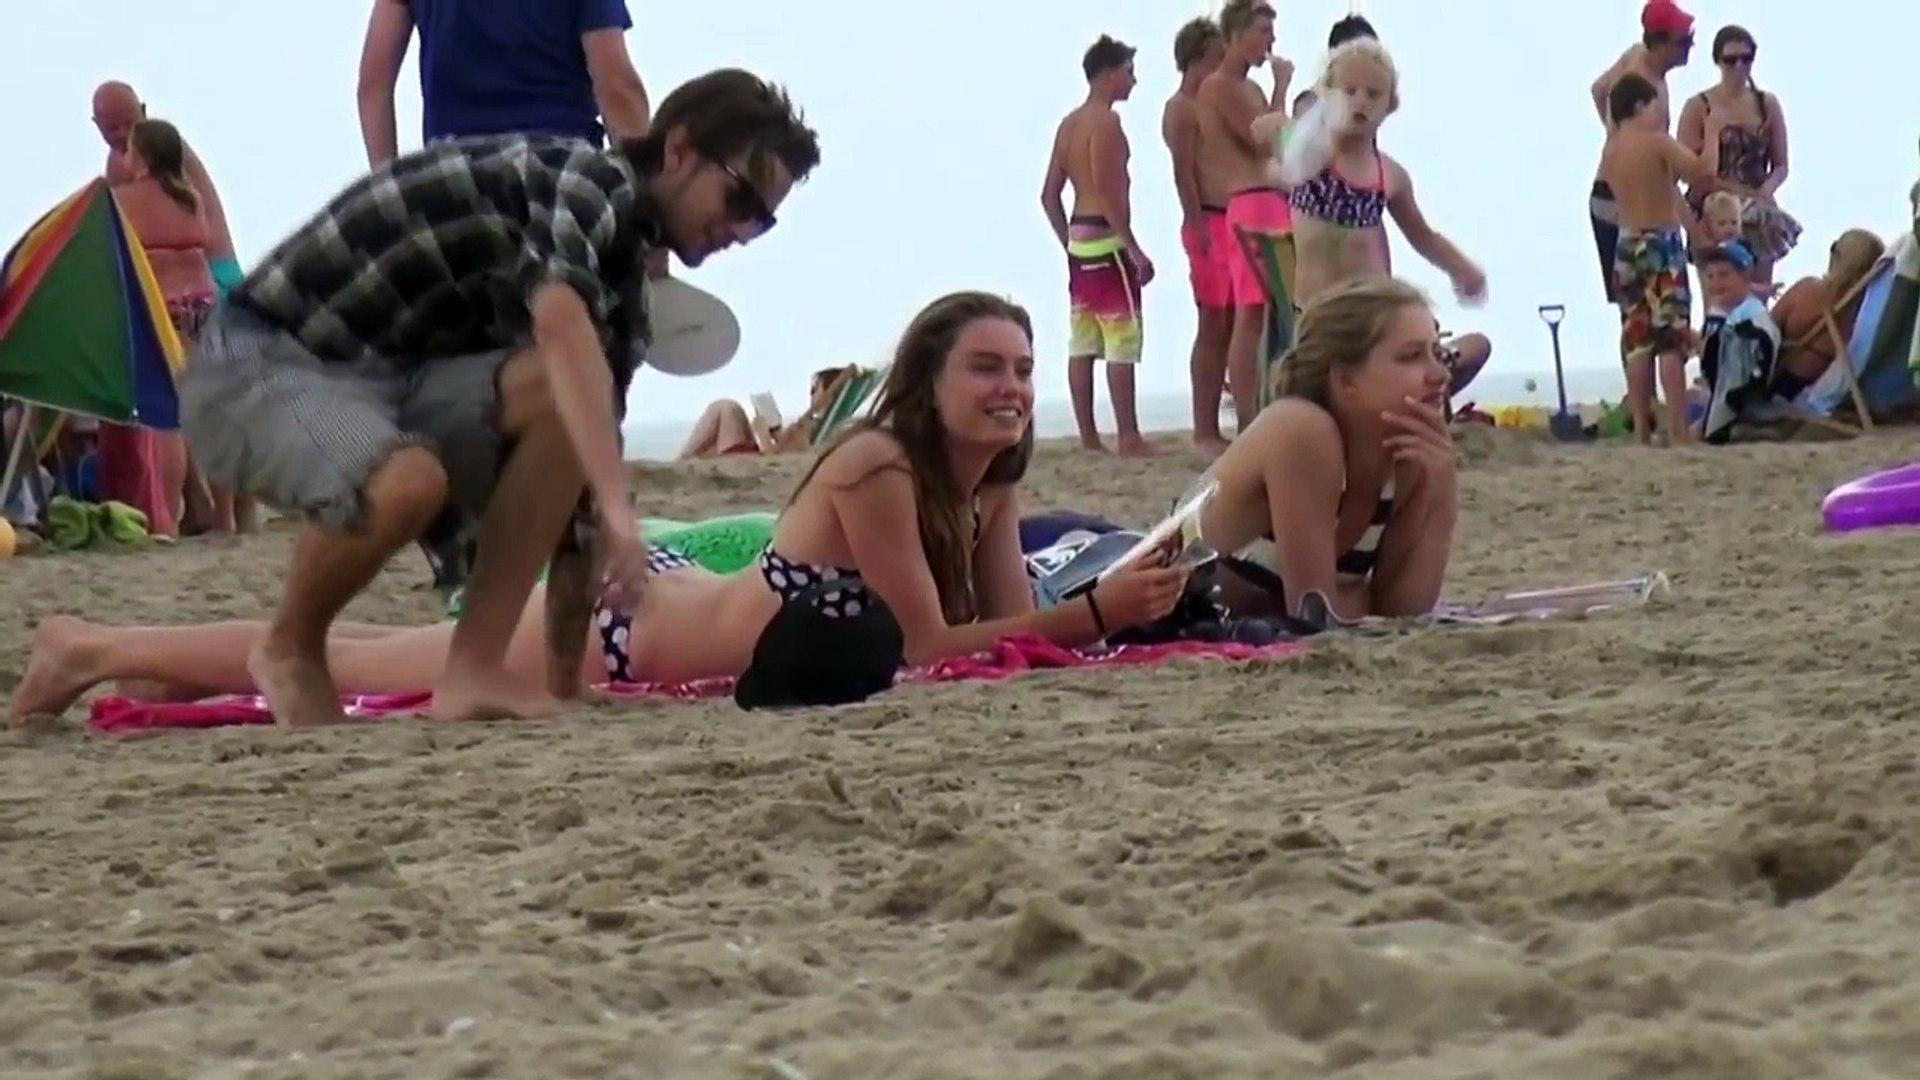 17 Naakt Op Het Strand Zu5e